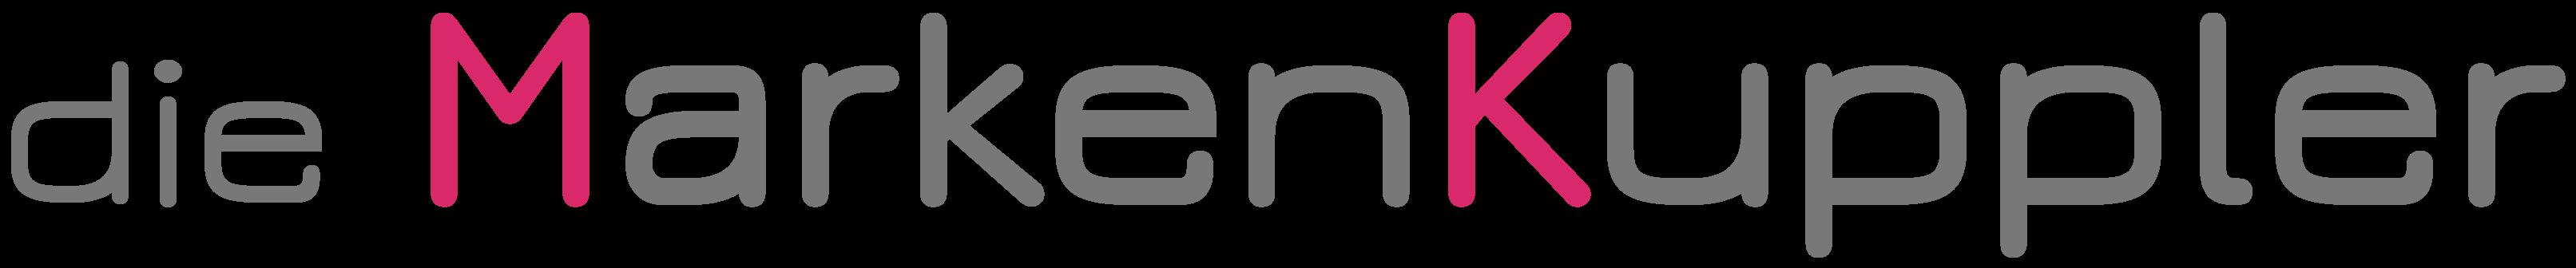 diemarkenkuppler_logo